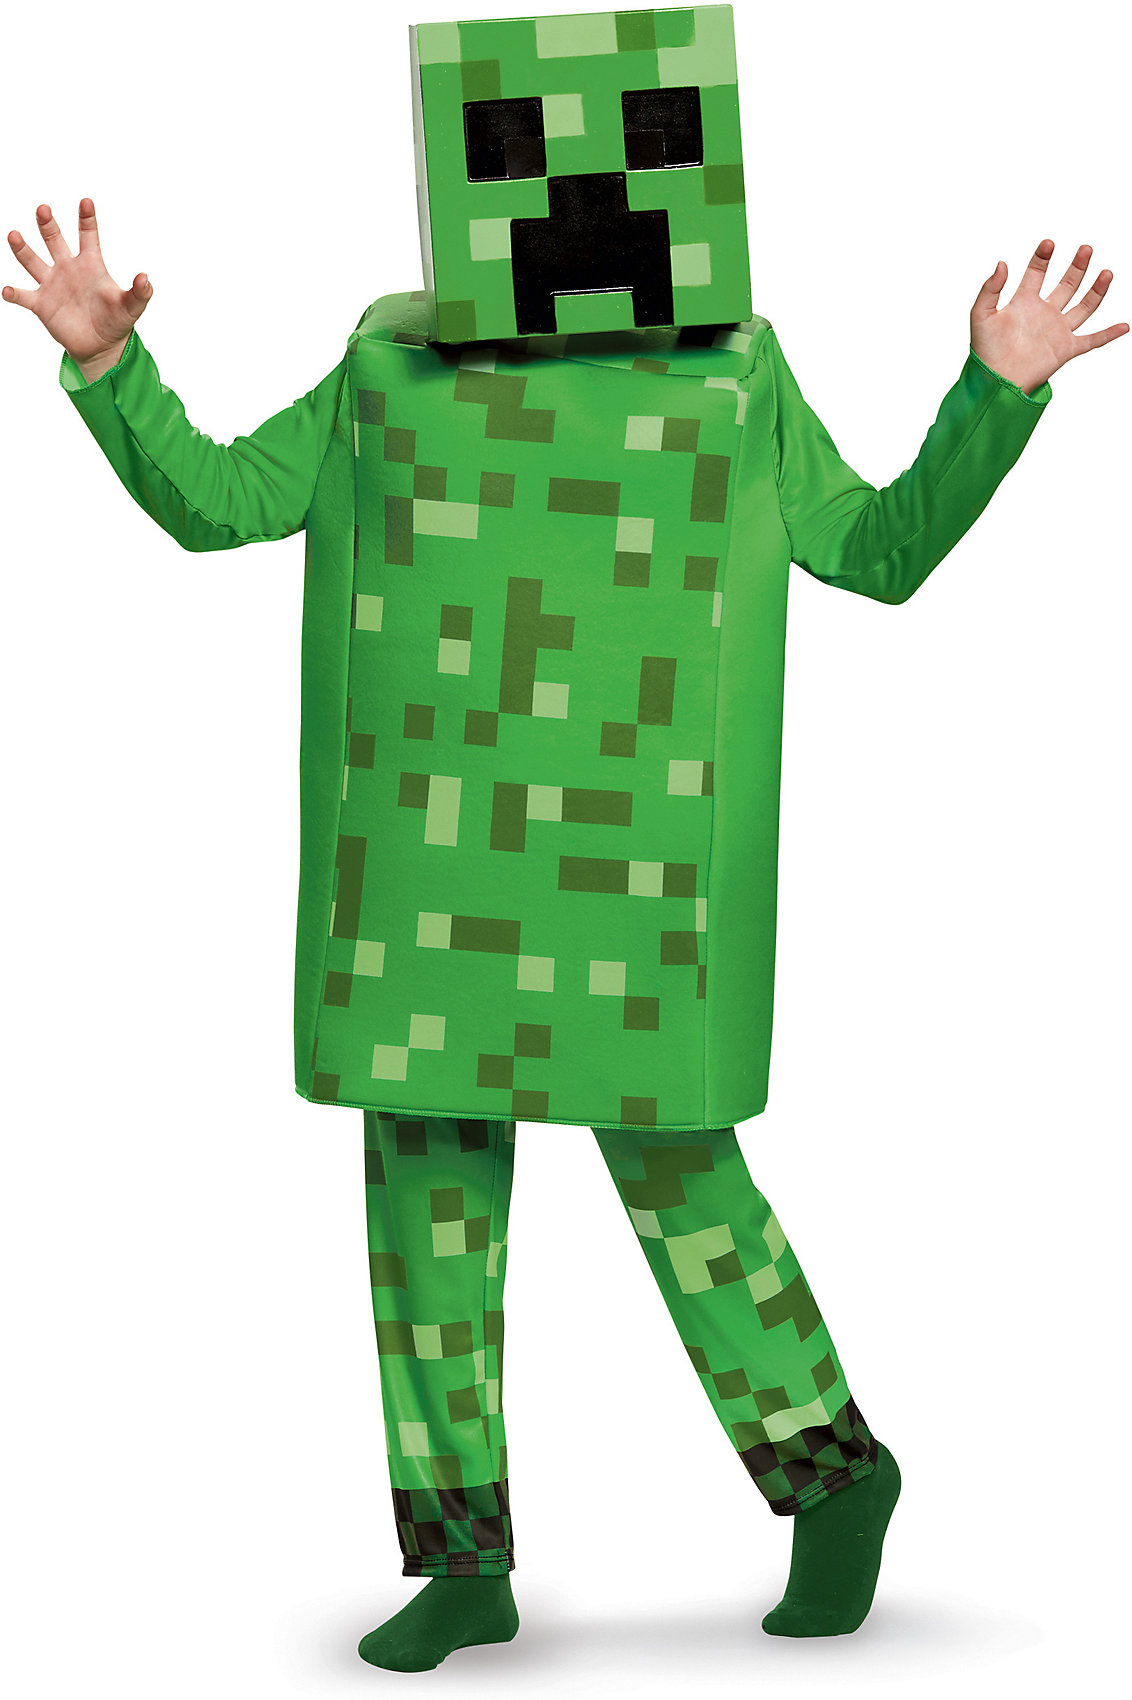 Minecraft Für Tablet